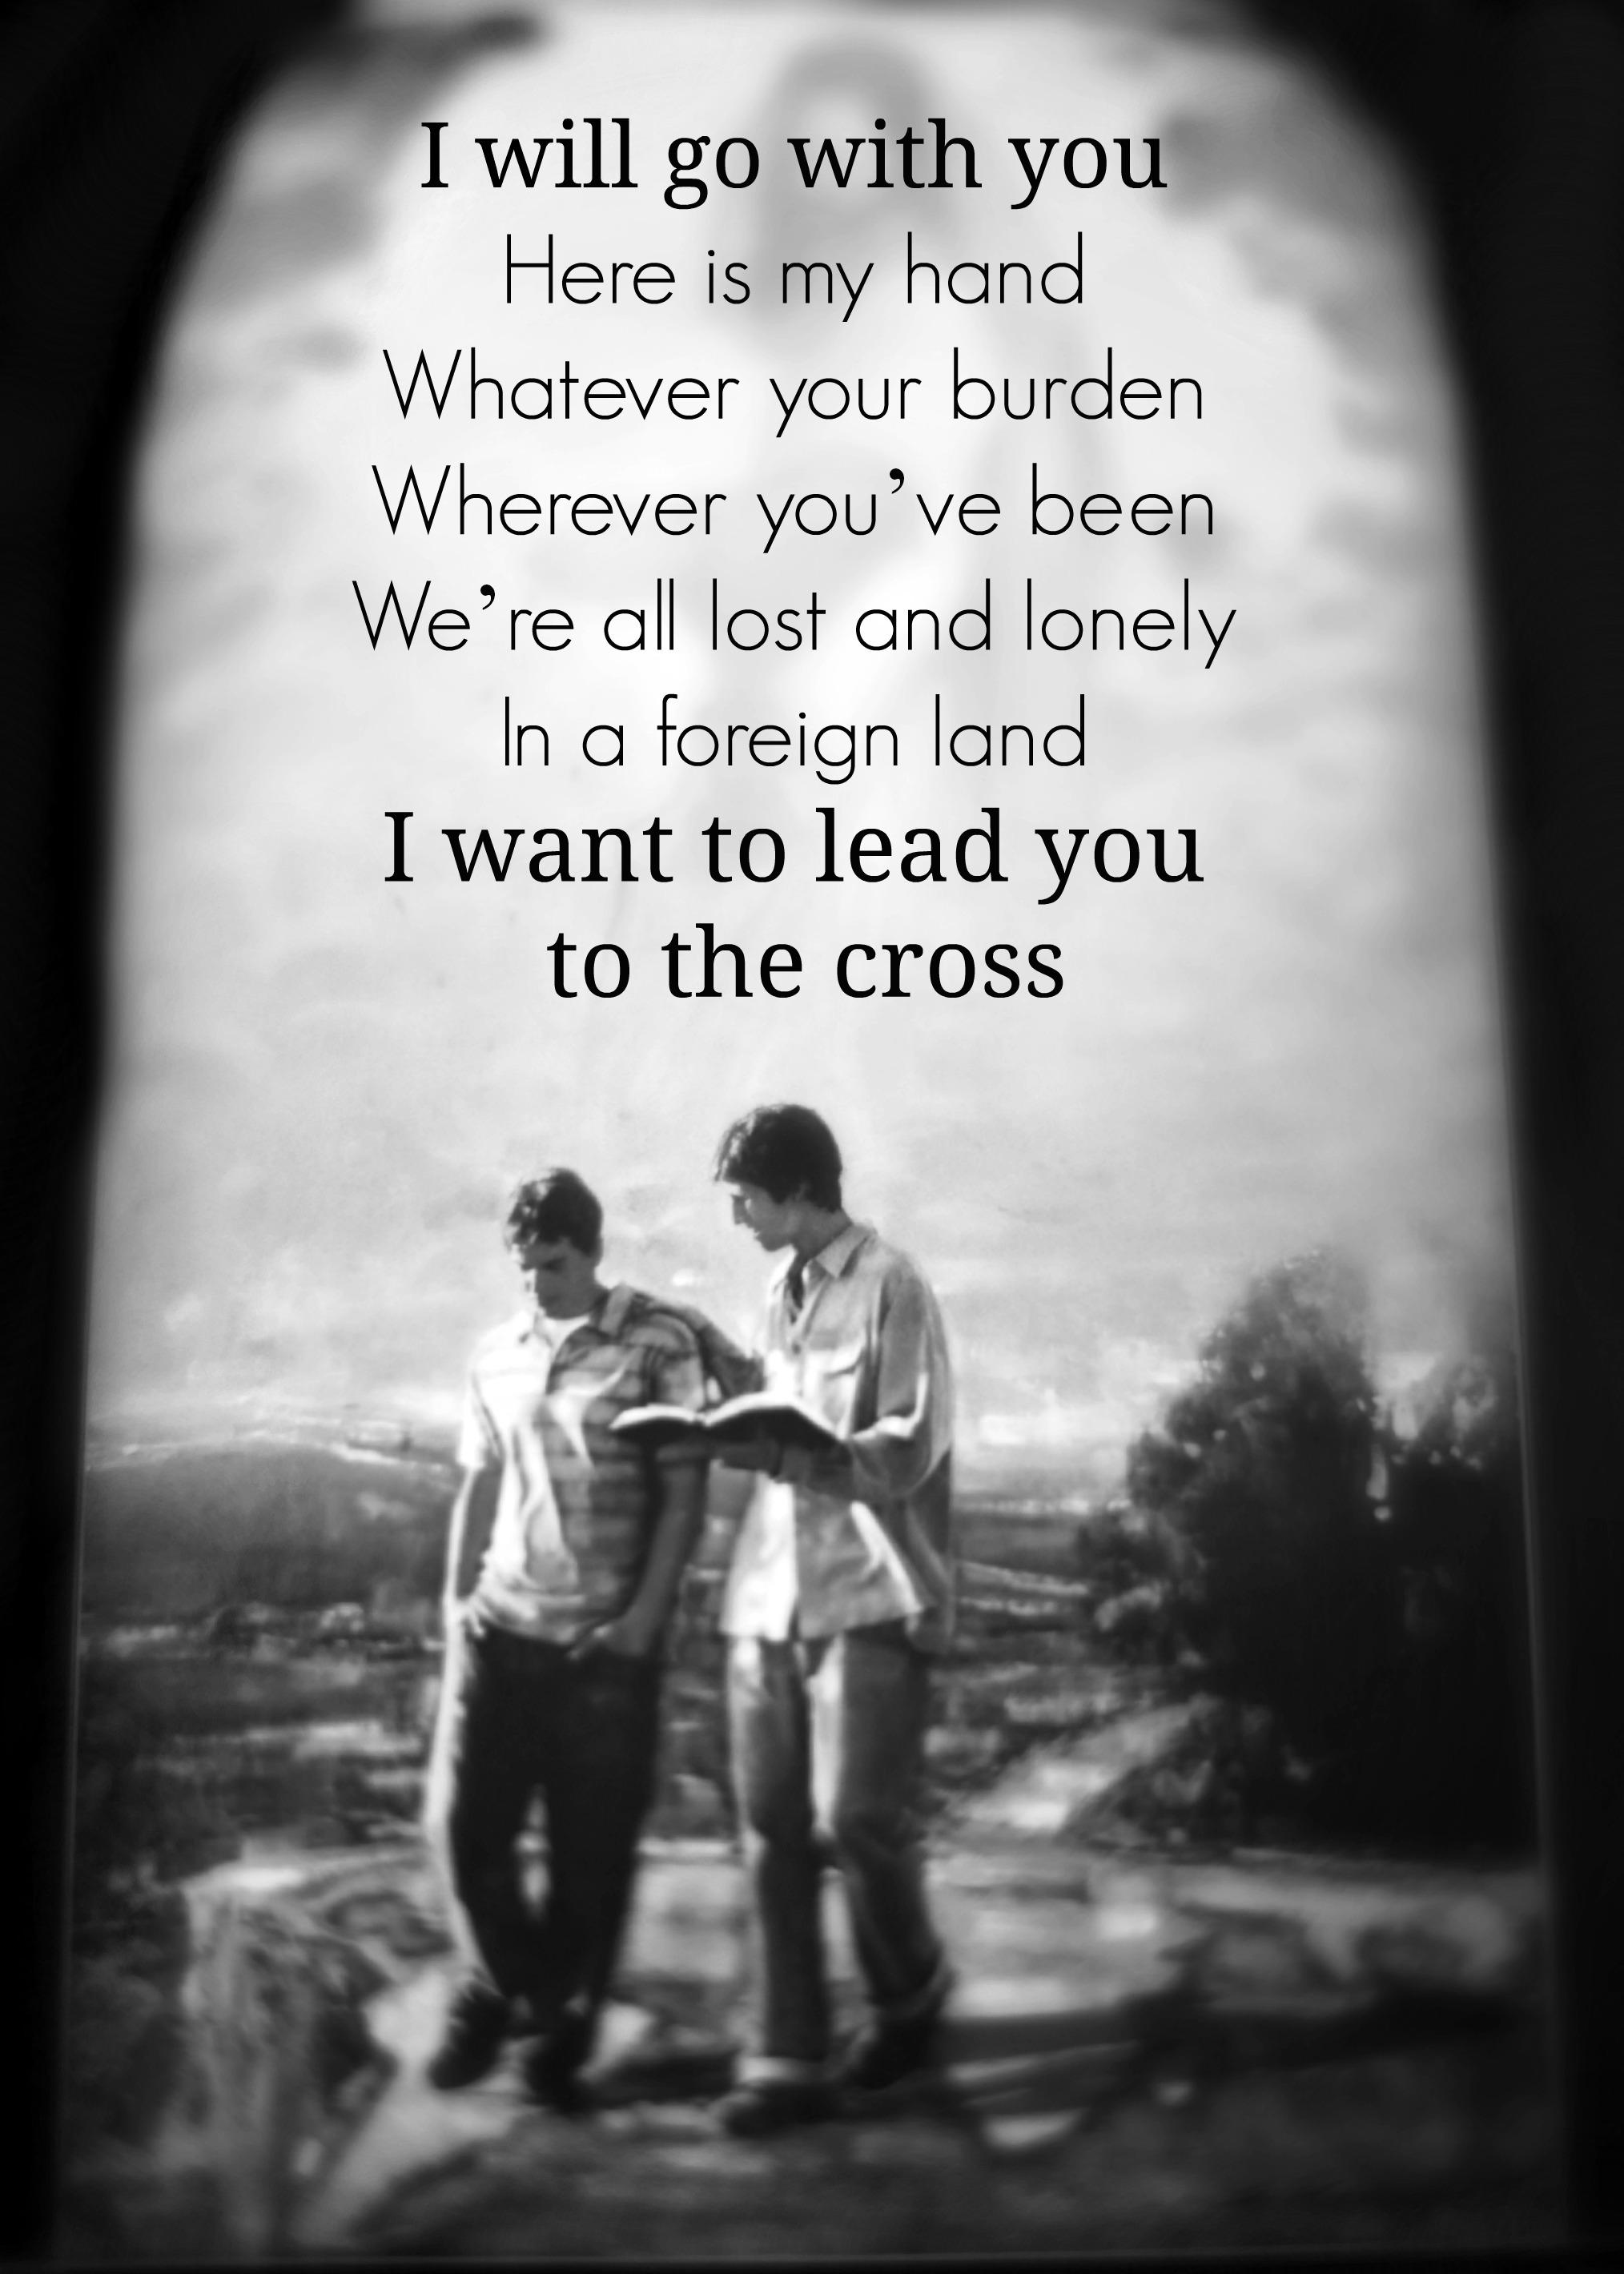 Holding on for life lyrics